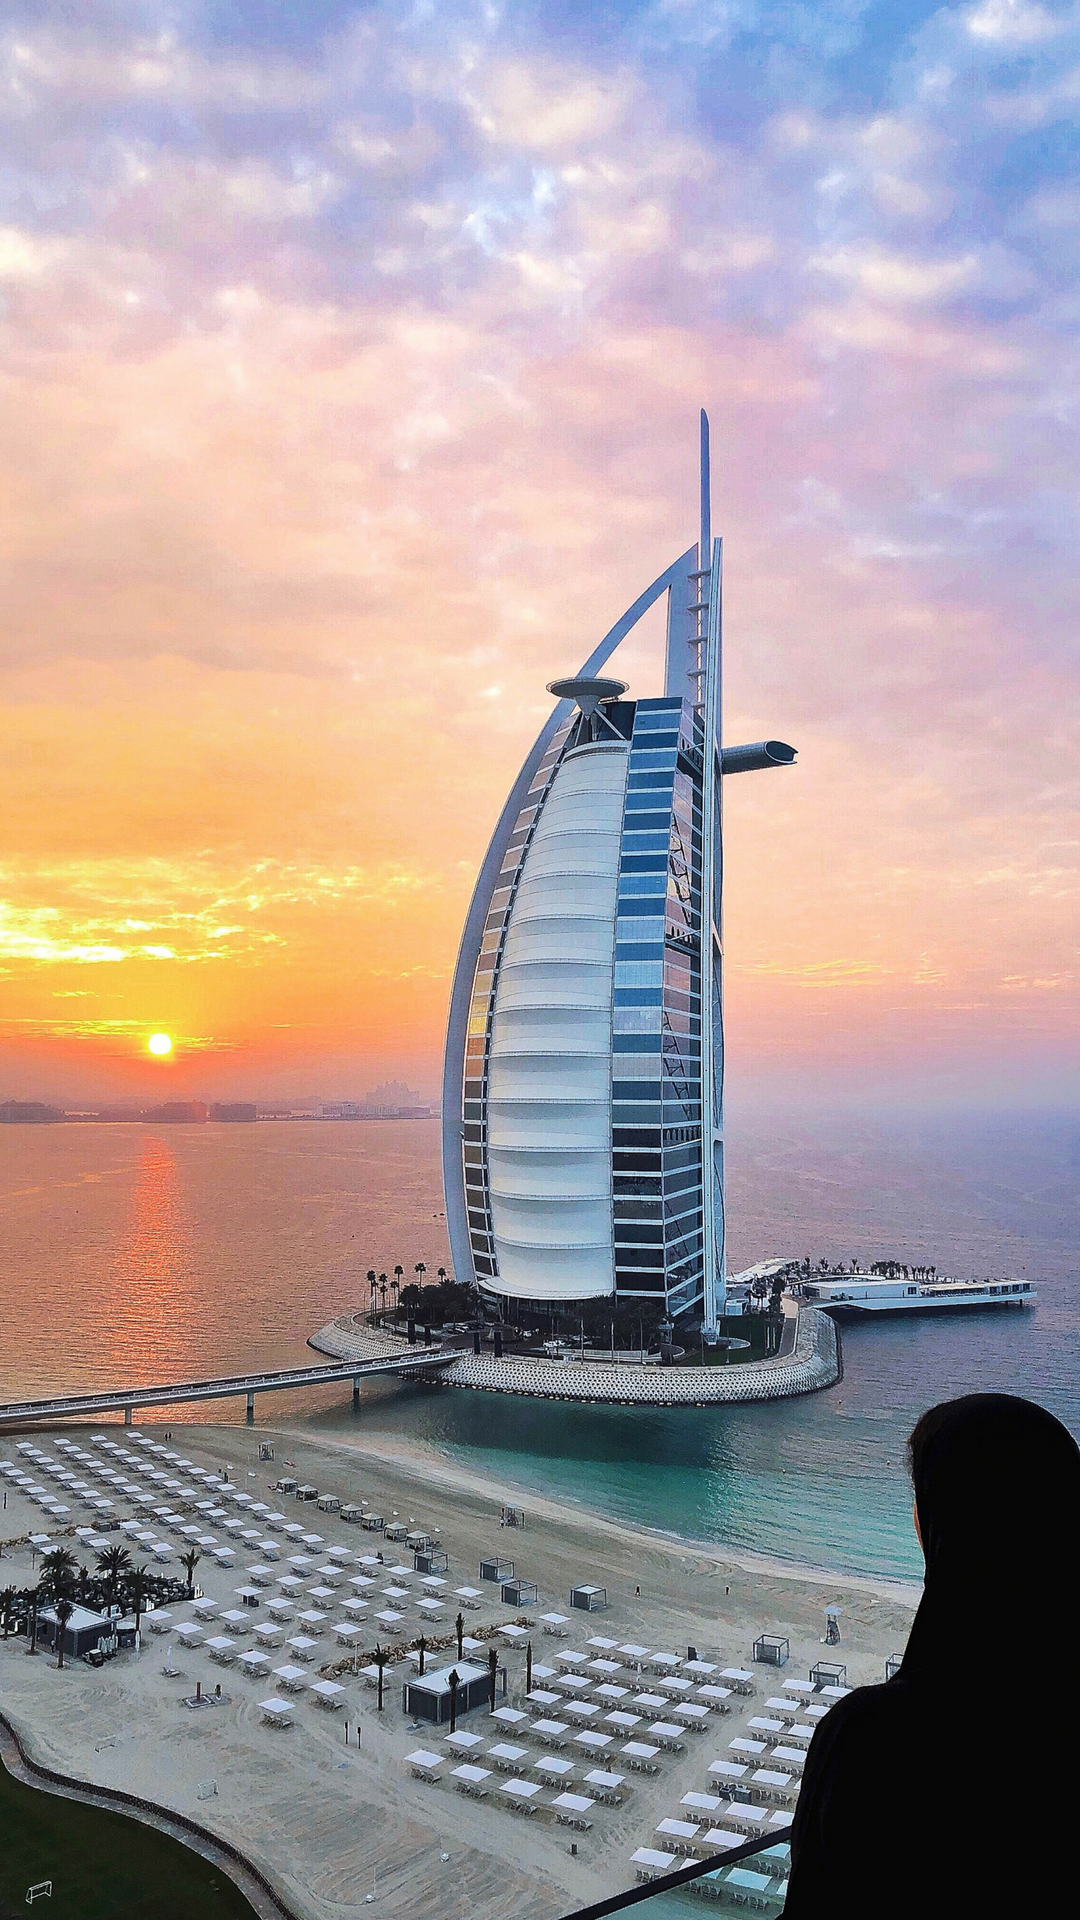 تصوير-الطبيعة-الصيف-دبي-برج العرب